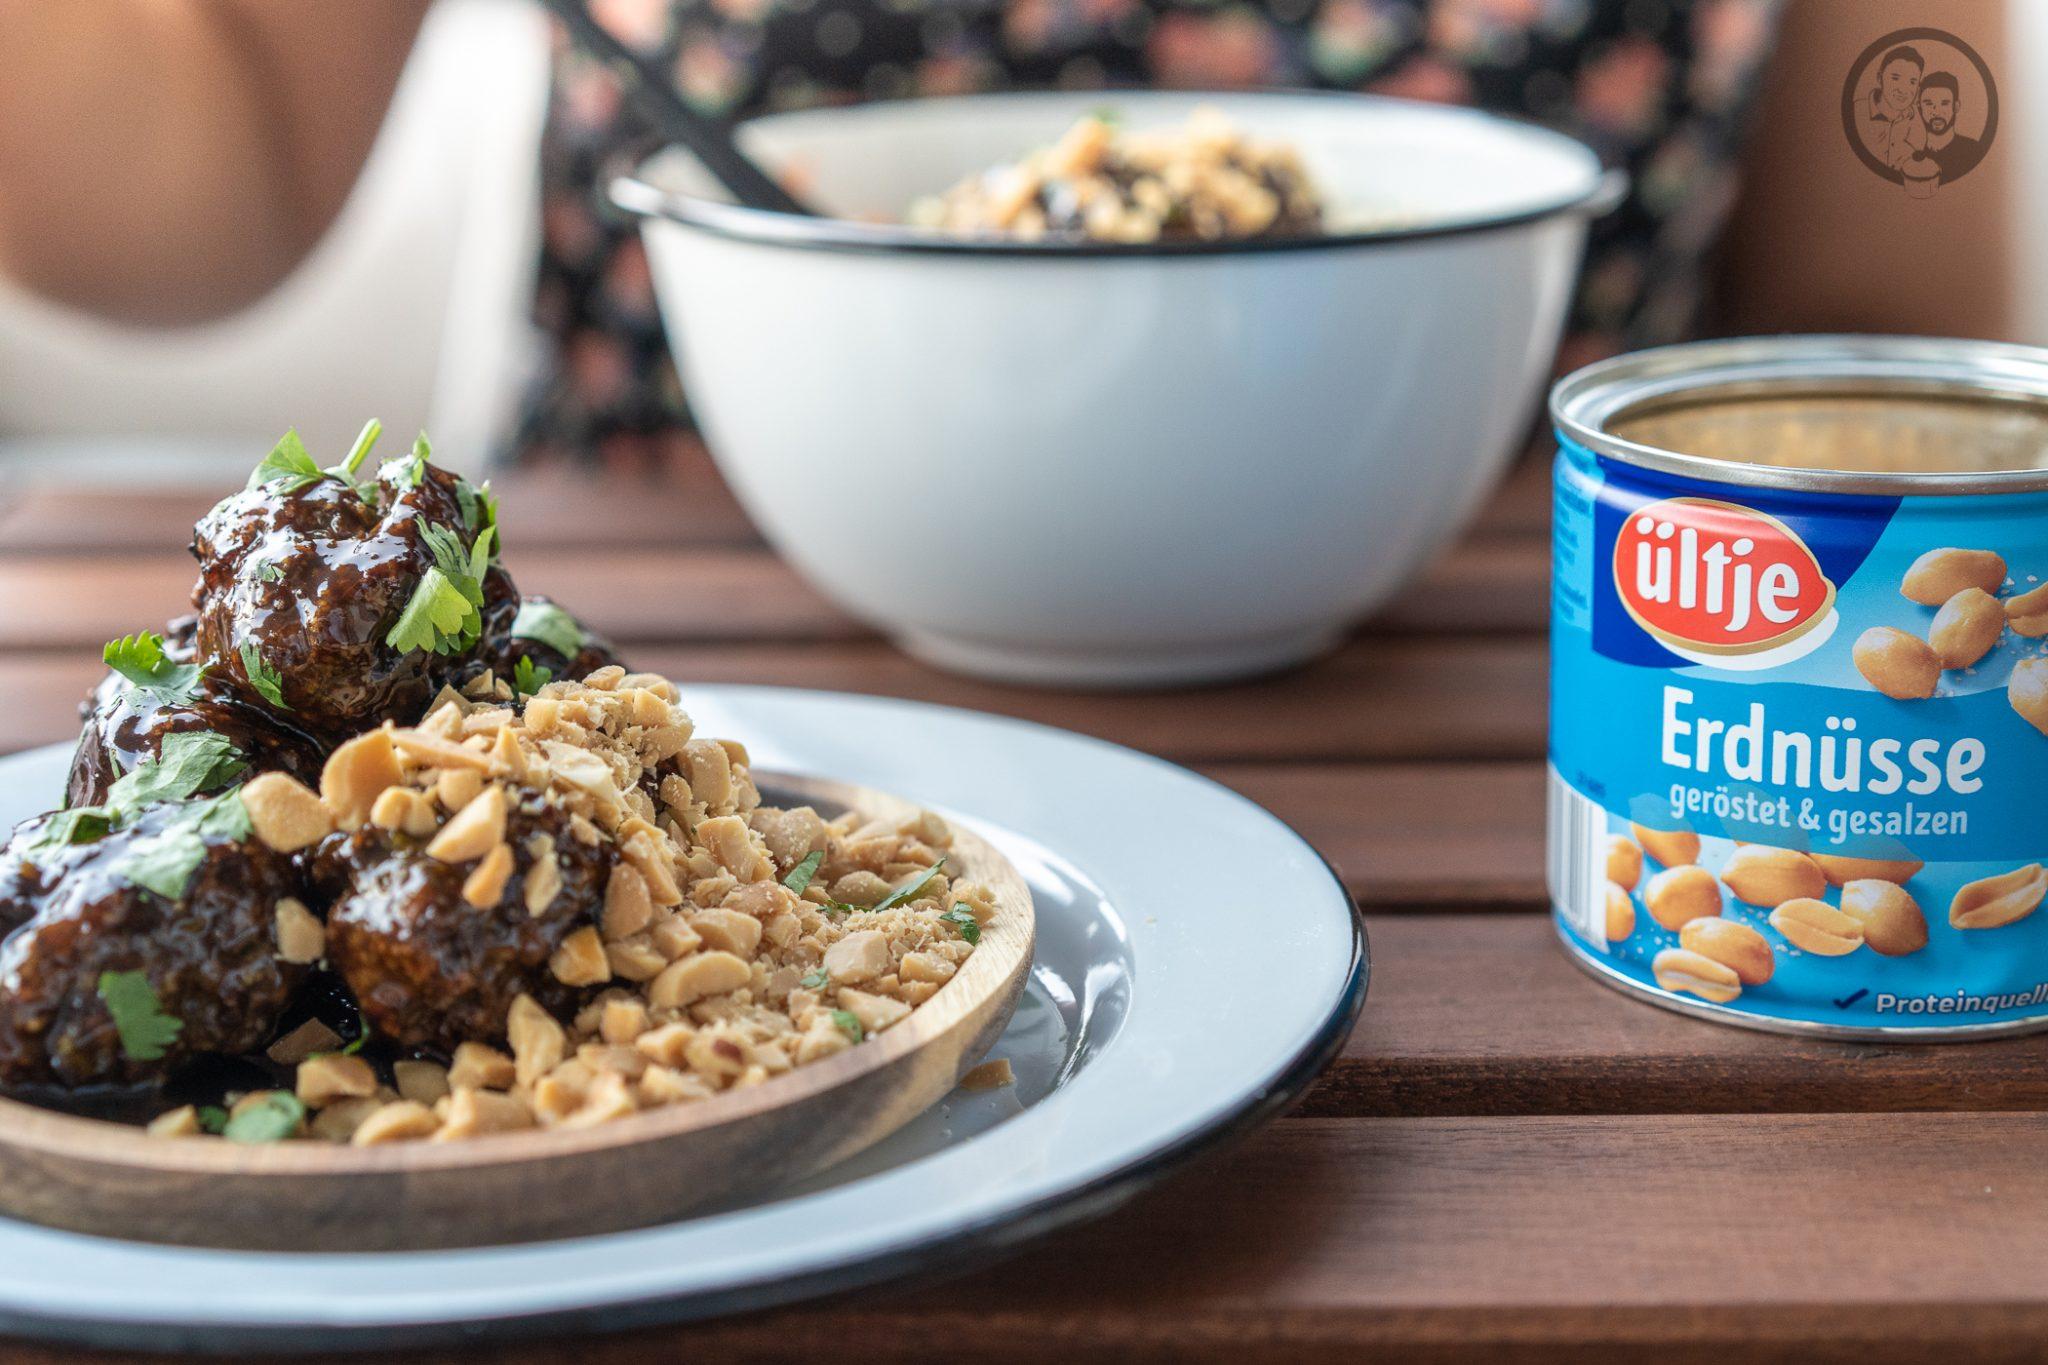 Poke Bowl erdn%C3%BCsse %C3%BCltje 4 | Wenn man um einen Foodtrend 2018 kaum herum gekommen ist, zumindest ging es uns in Köln so, dann ist es die Poke Bowl. Also wurde es höchste Zeit, dass wir unsere eigene Poke Bowl kreieren. Da wir verschiedene Küchen gerne kombinieren haben wir dazu Korean Beef Balls gemacht und eine gute Ladung gesalzene ültje Erdnüsse dazu gegeben - so schmeckt der Sommer aus der Schüssel!